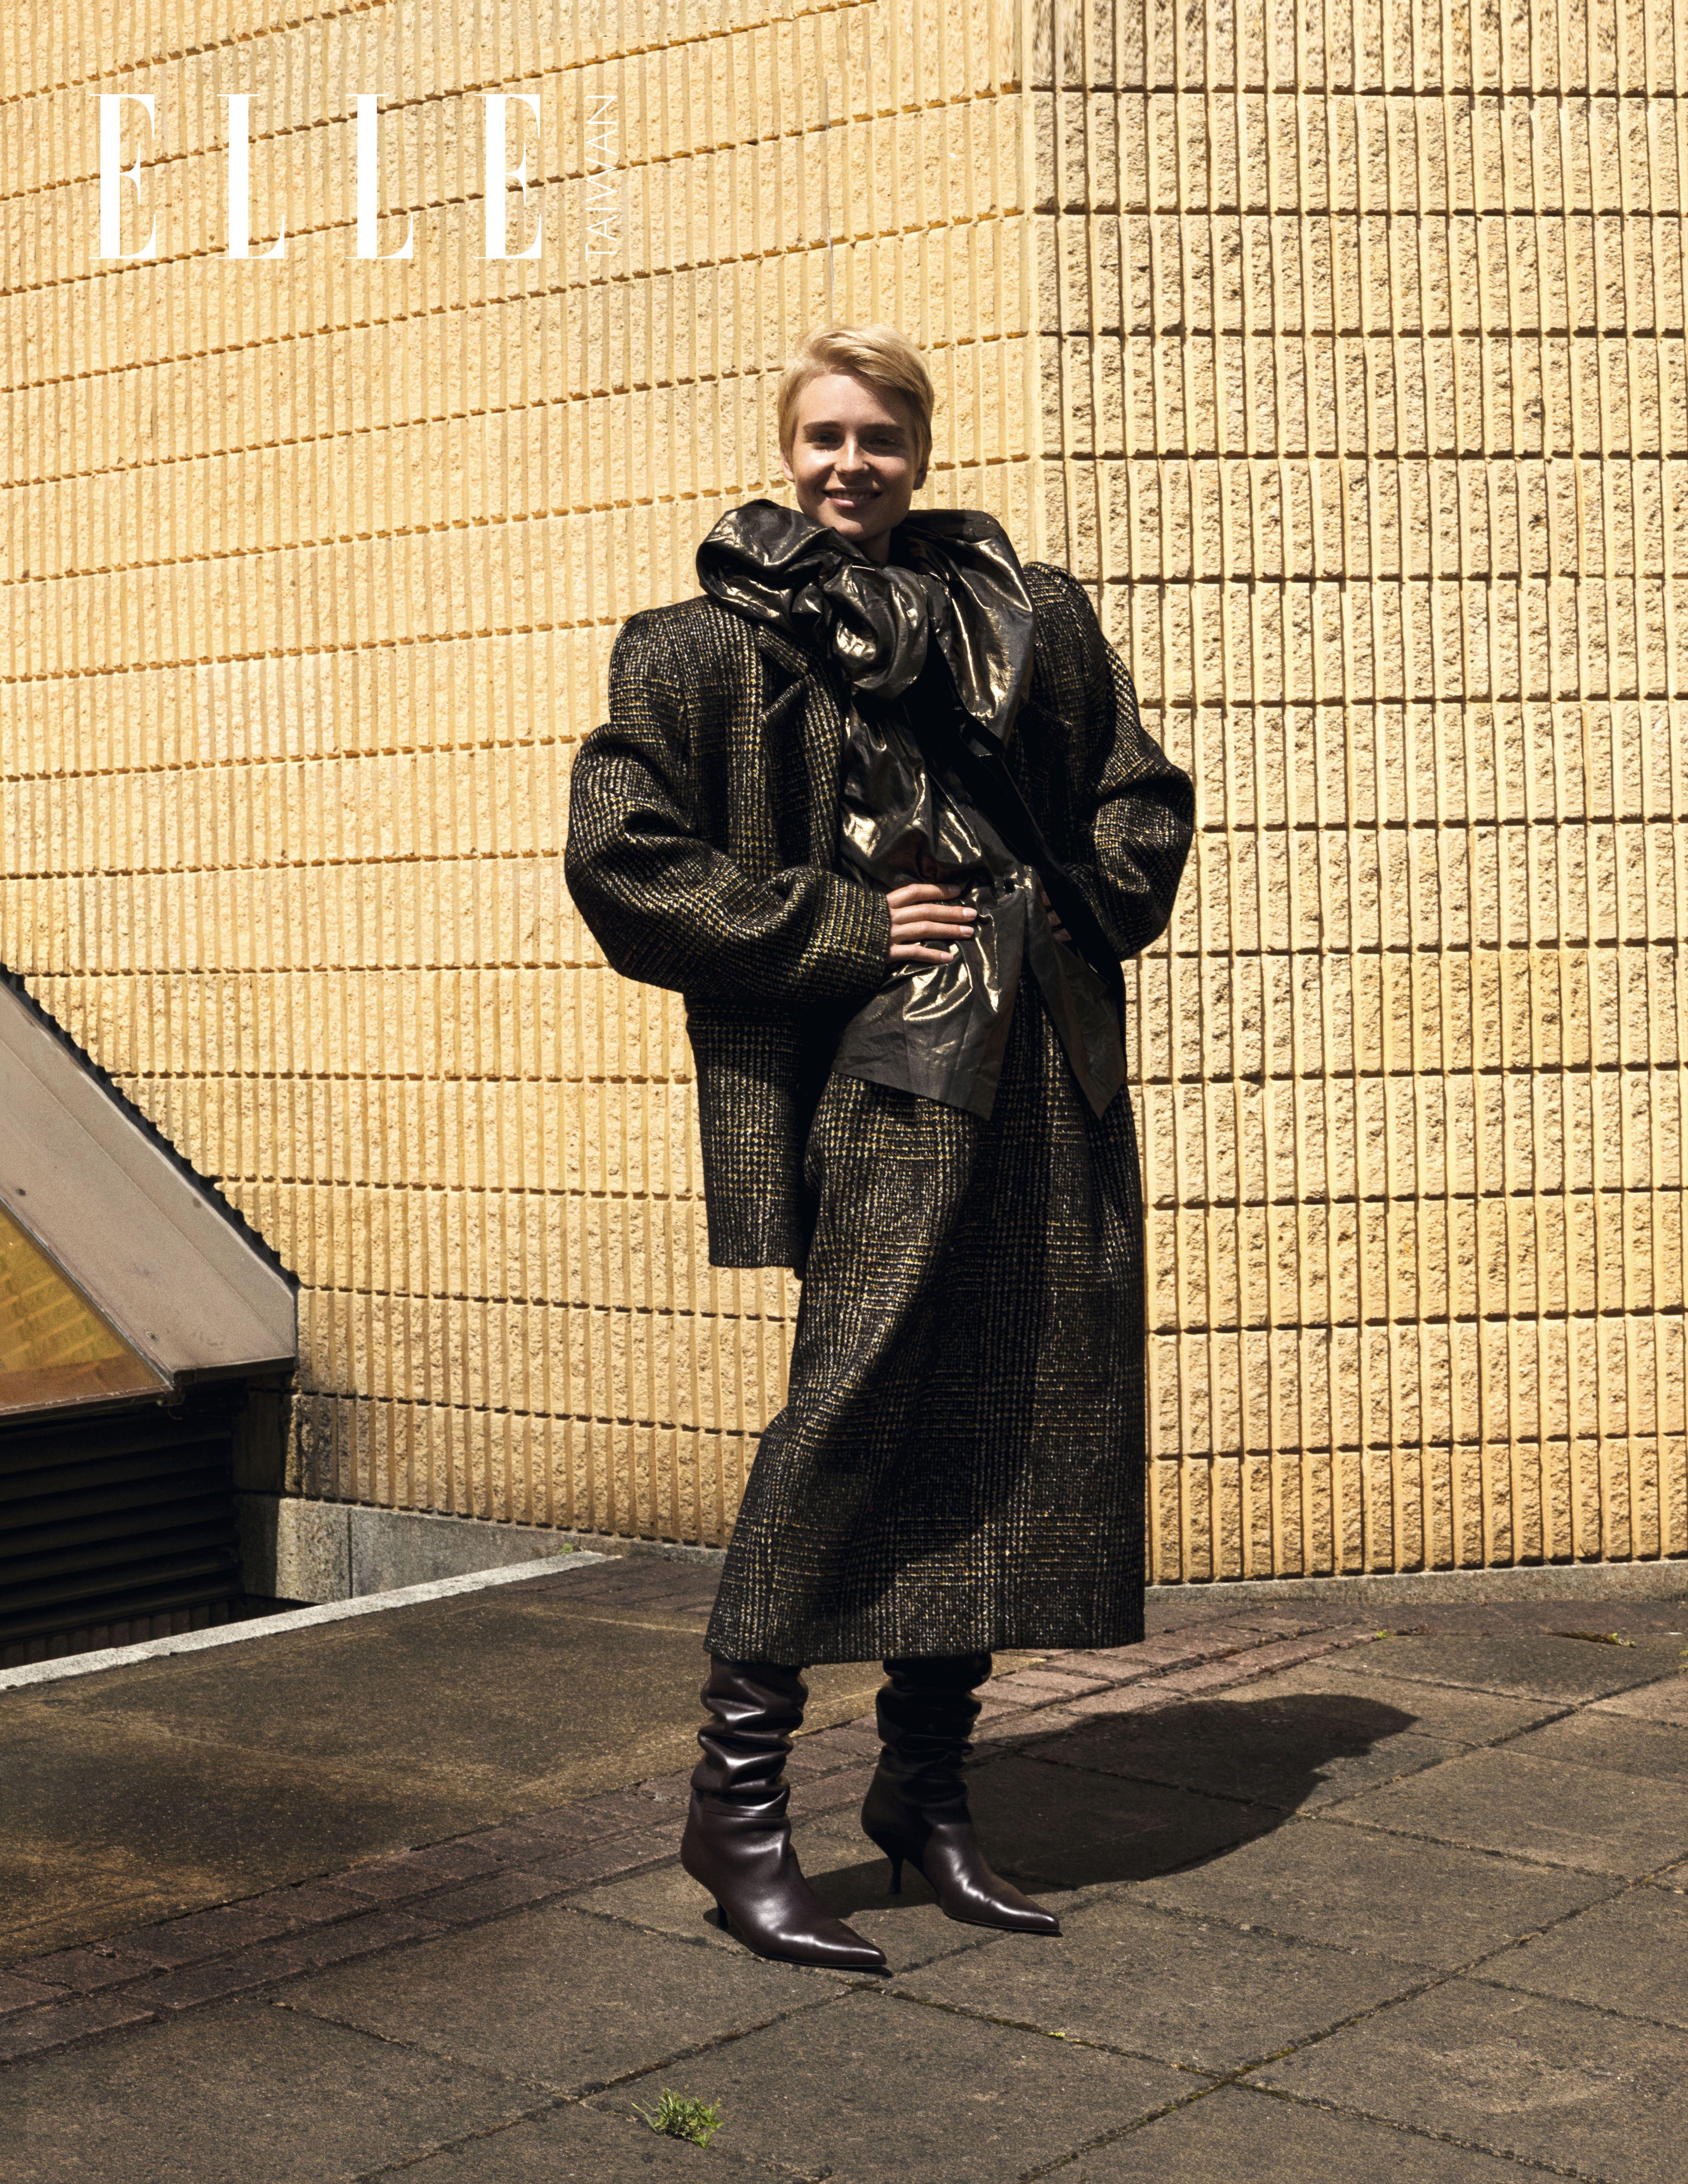 超大廓形格紋外套、格紋毛呢長裙、黑色亮面造型上衣(ALL BY MARC JACOBS);酒紅低跟高筒皮靴(THE ROW)。